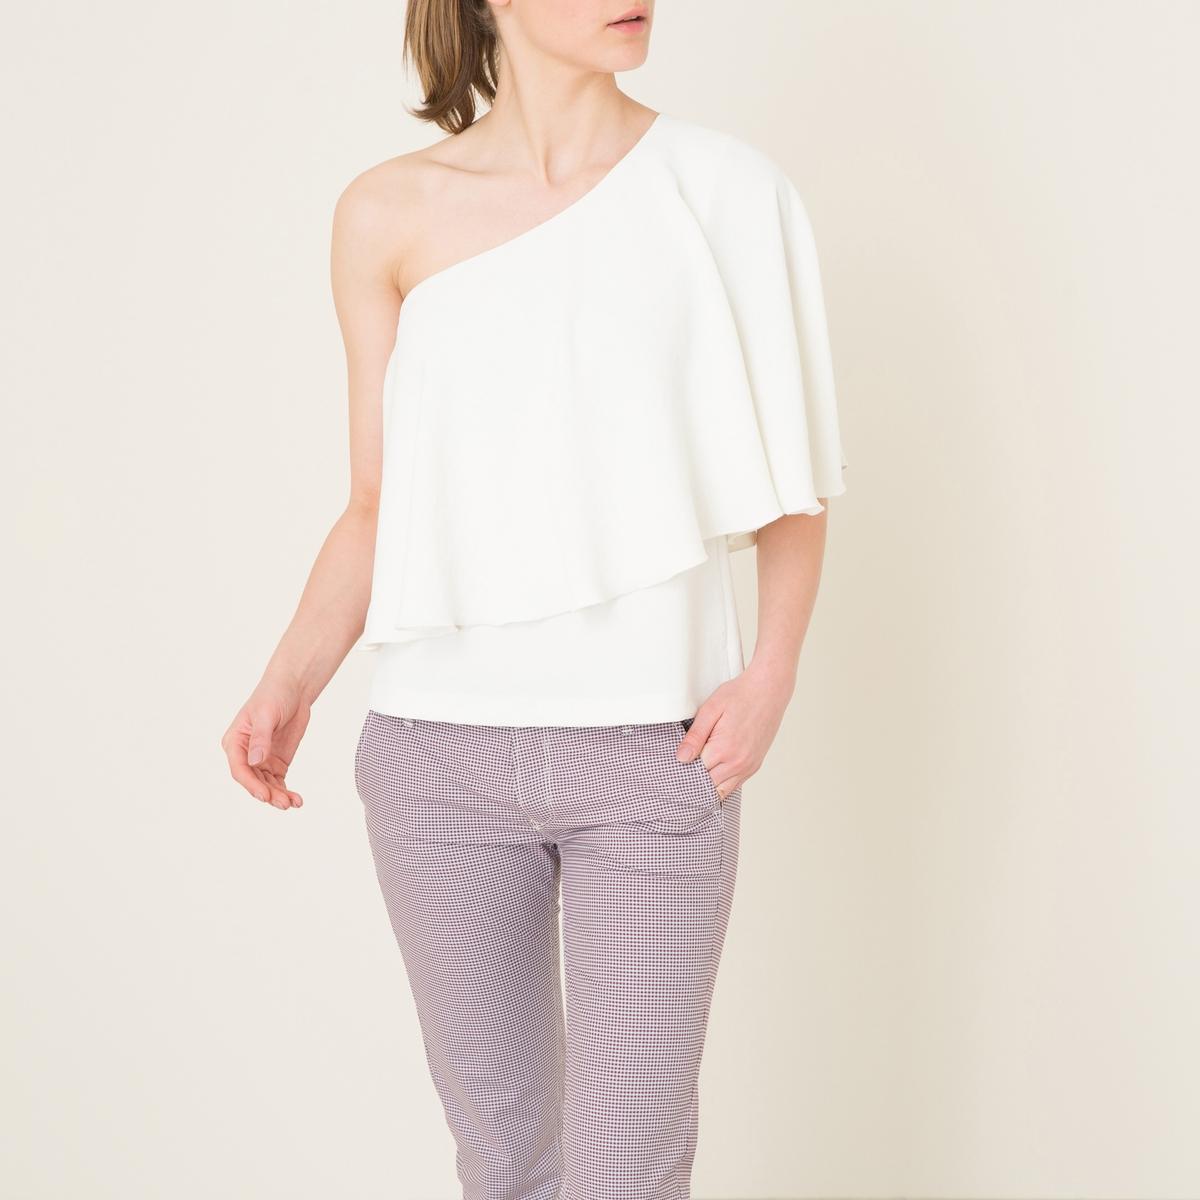 Блузка JULESБлузка с открытым плечом BA&amp;SH - модель JULES из вуали. Широкий волан .Состав и описание    Материал : 100% полиэстер   Марка : BA&amp;SH<br><br>Цвет: белый